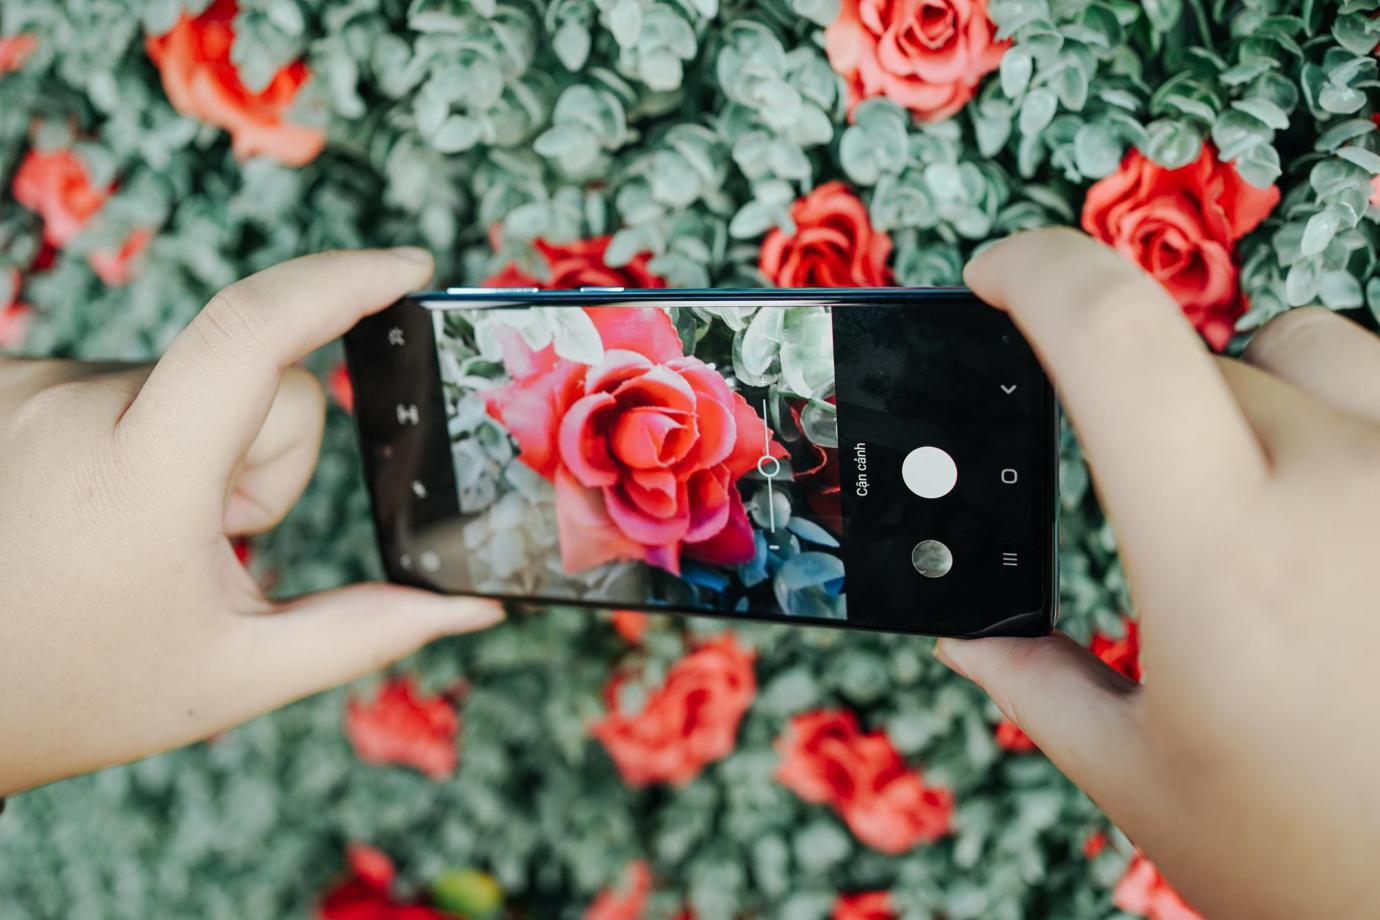 Smartphone giờ có chức năng chụp xịn sò giống máy ảnh này, bạn đã thử chưa? - Ảnh 2.